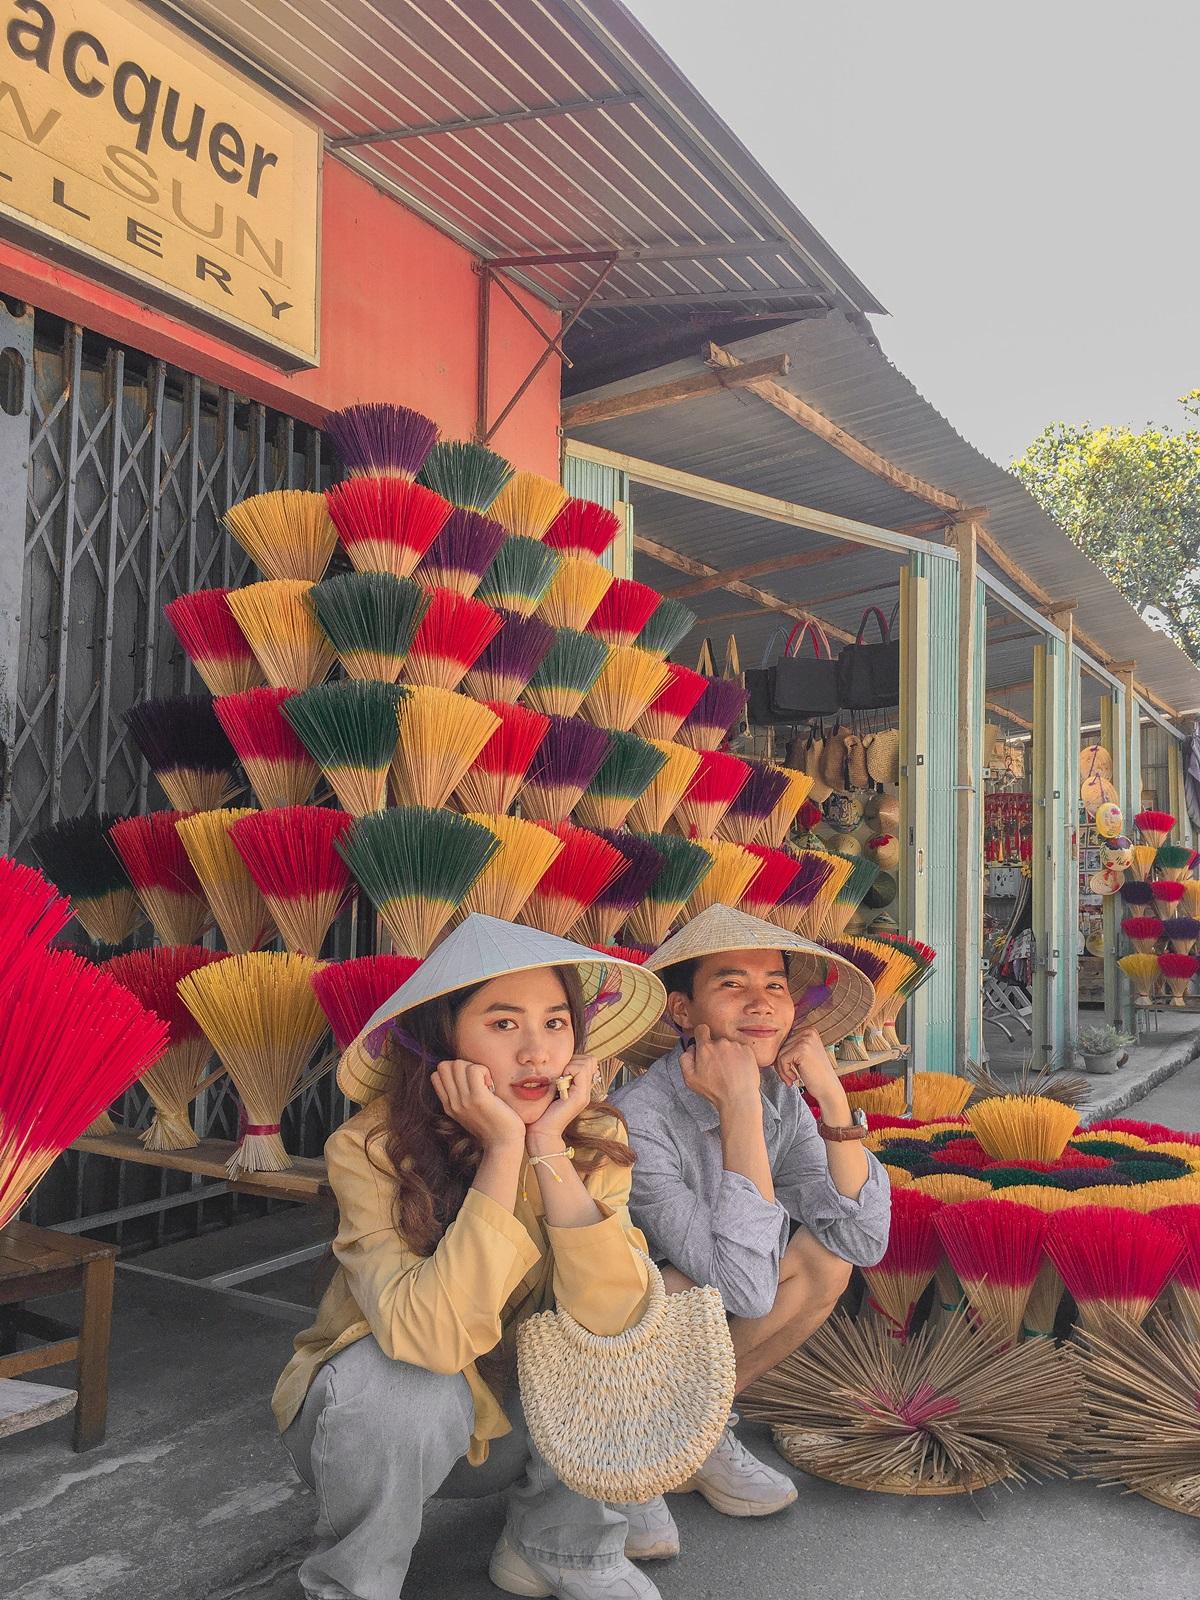 Cả hai mặc trang phục vintage, đội nón lá tạo dáng ở những sạp hương màu sắc ở Thủy Xuân.